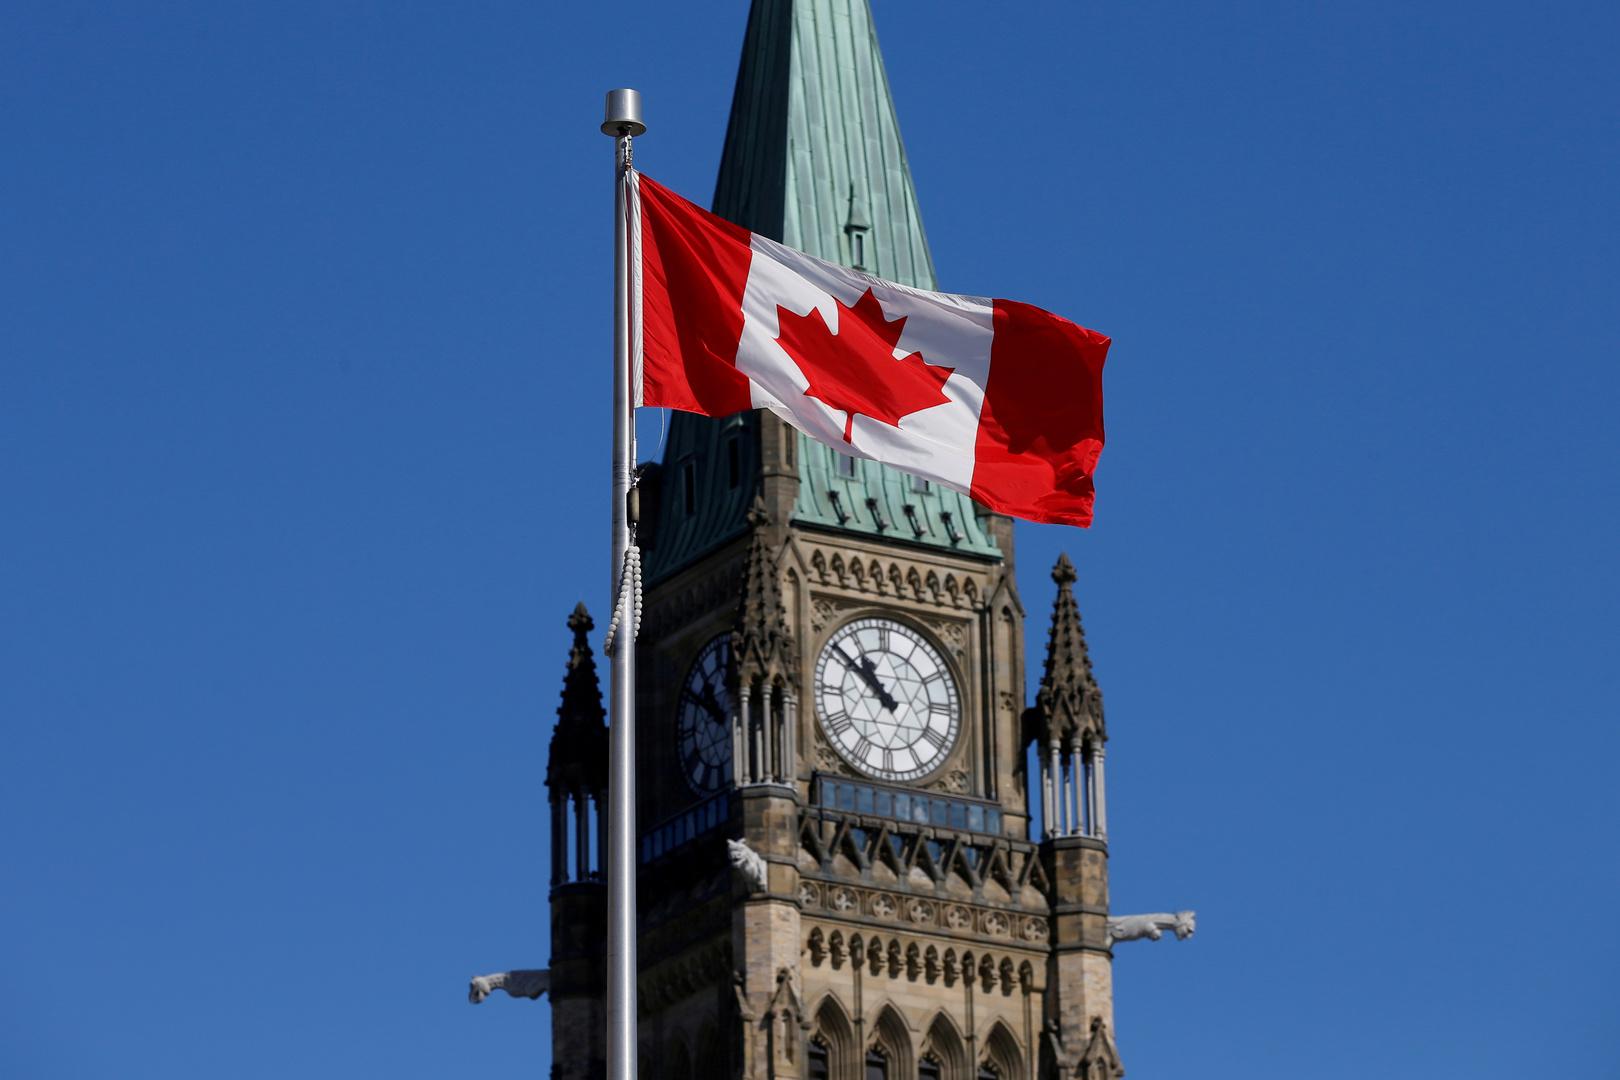 وزير كندي يستقيل بسبب إجازة خارجية في ظل كورونا